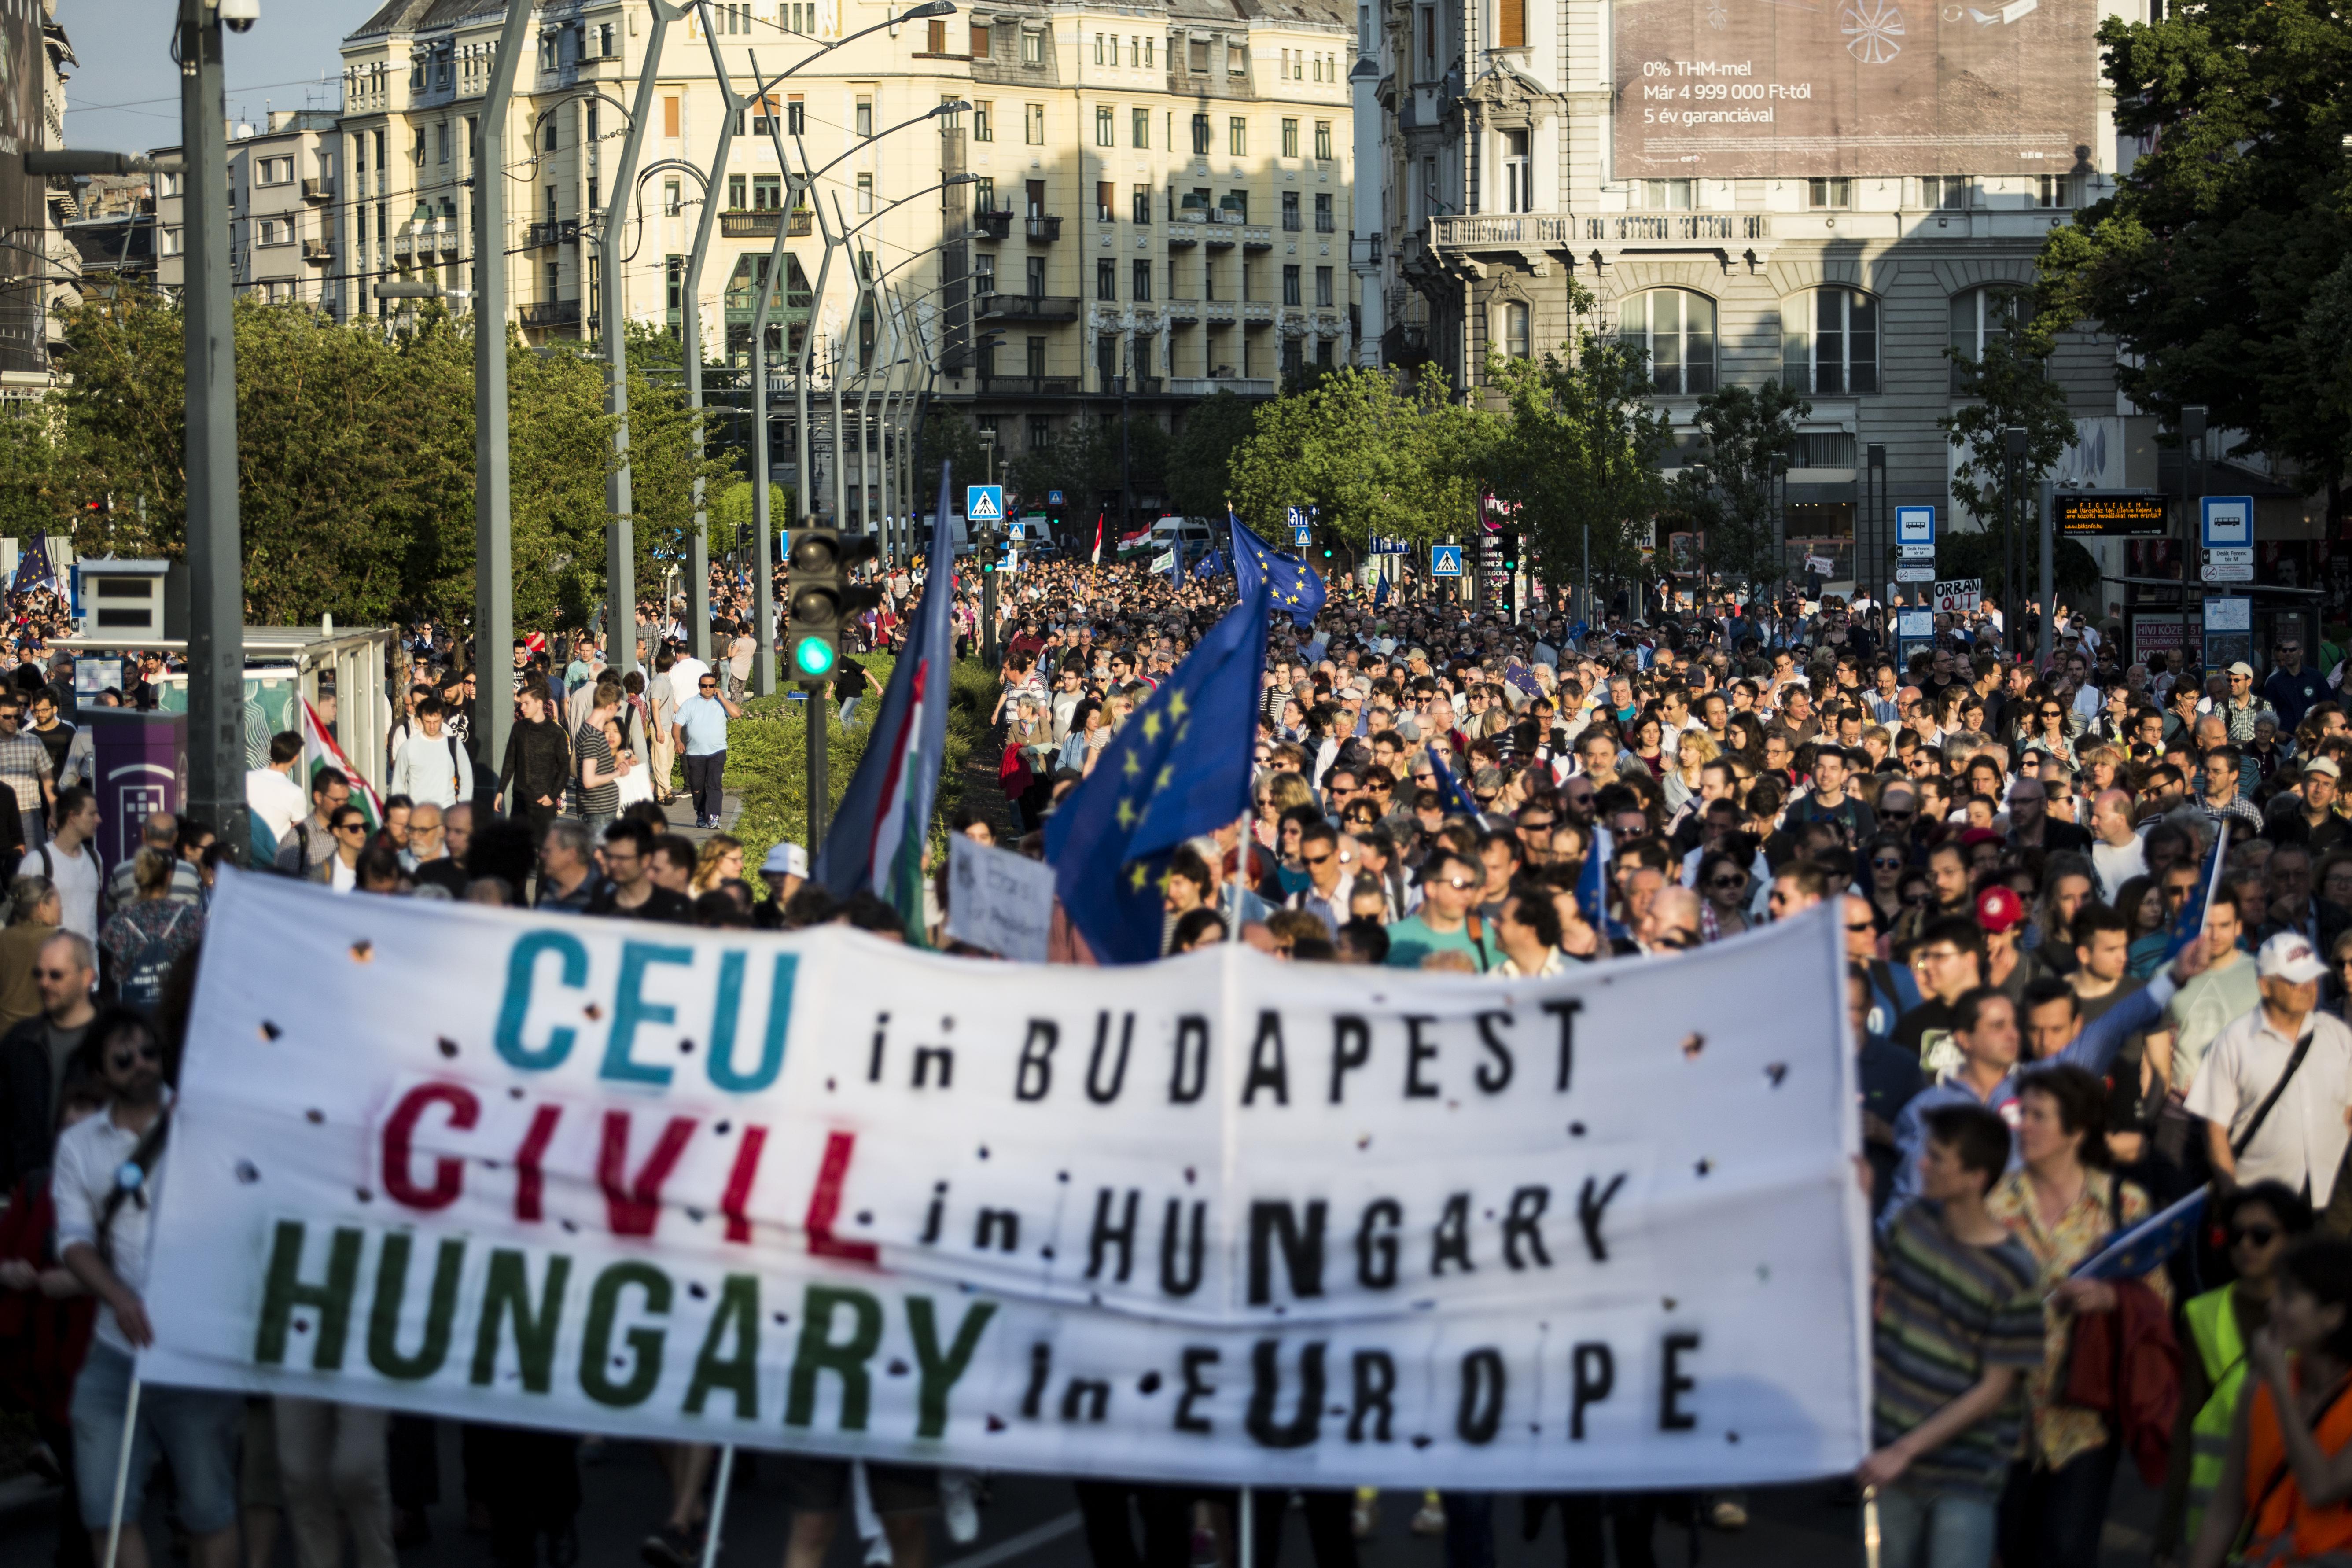 A kormány már azzal támadja a CEU-t, hogy túl sok kutatási pénzt hoztak Magyarországra